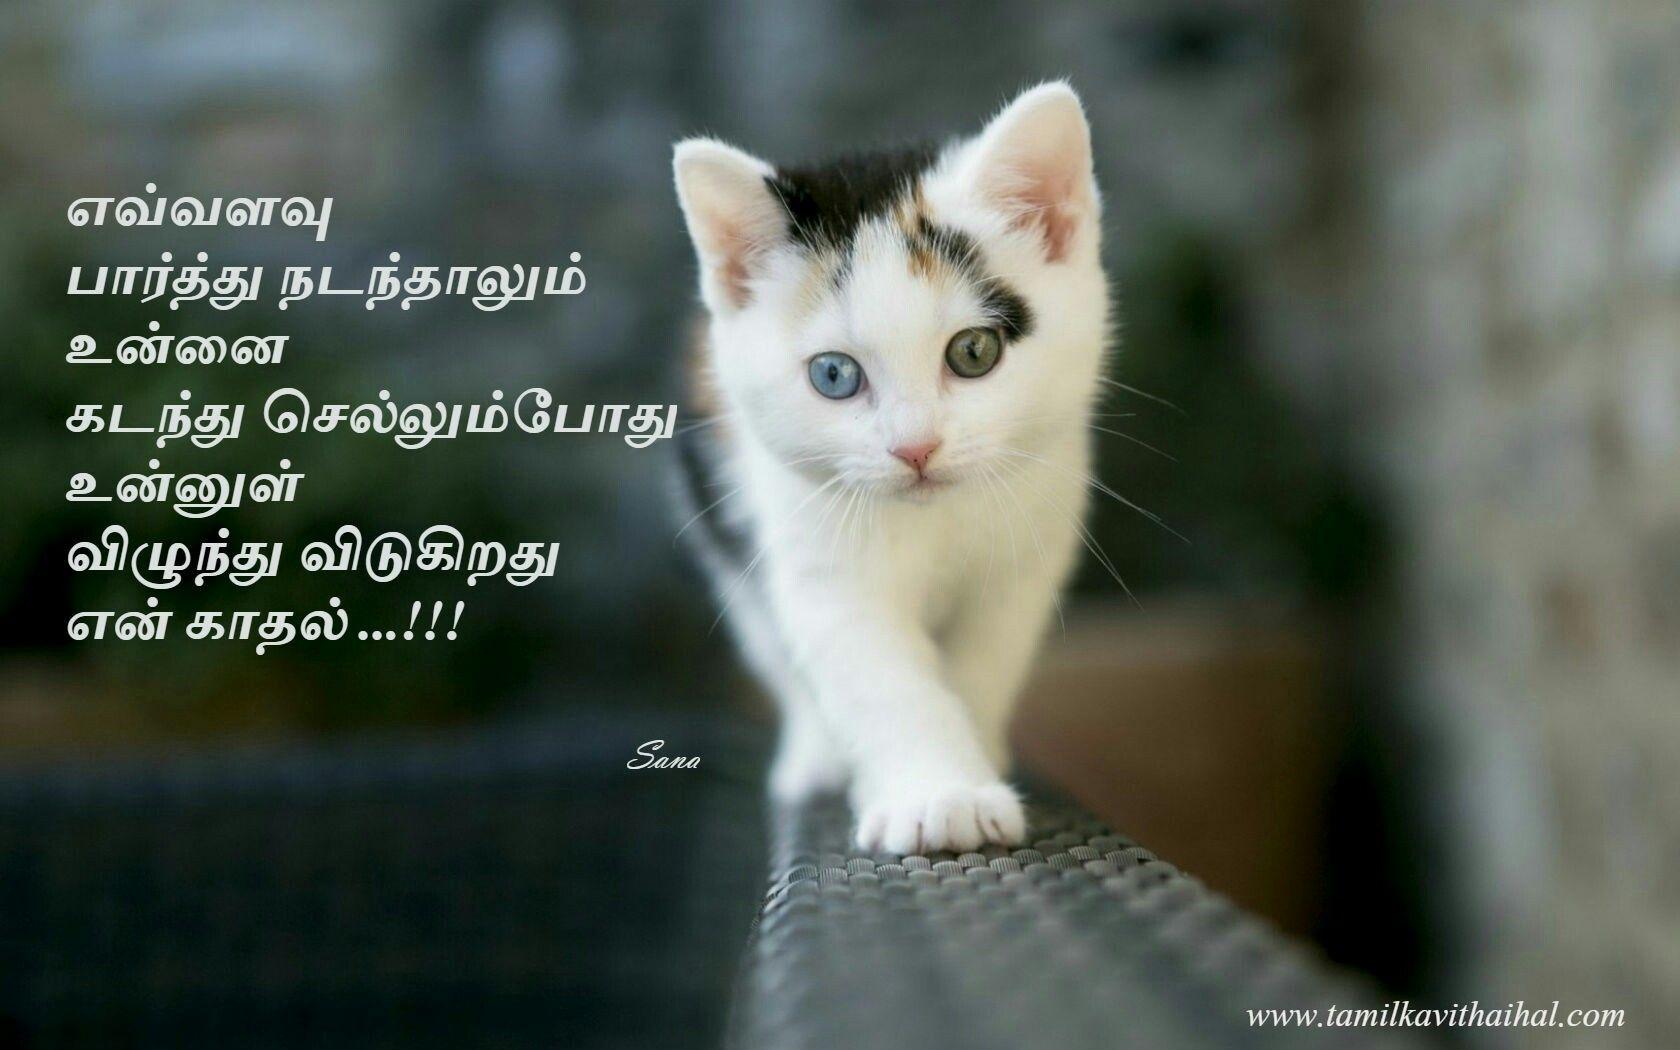 tamil kadhal kavithai Funny cat wallpaper, Kitten